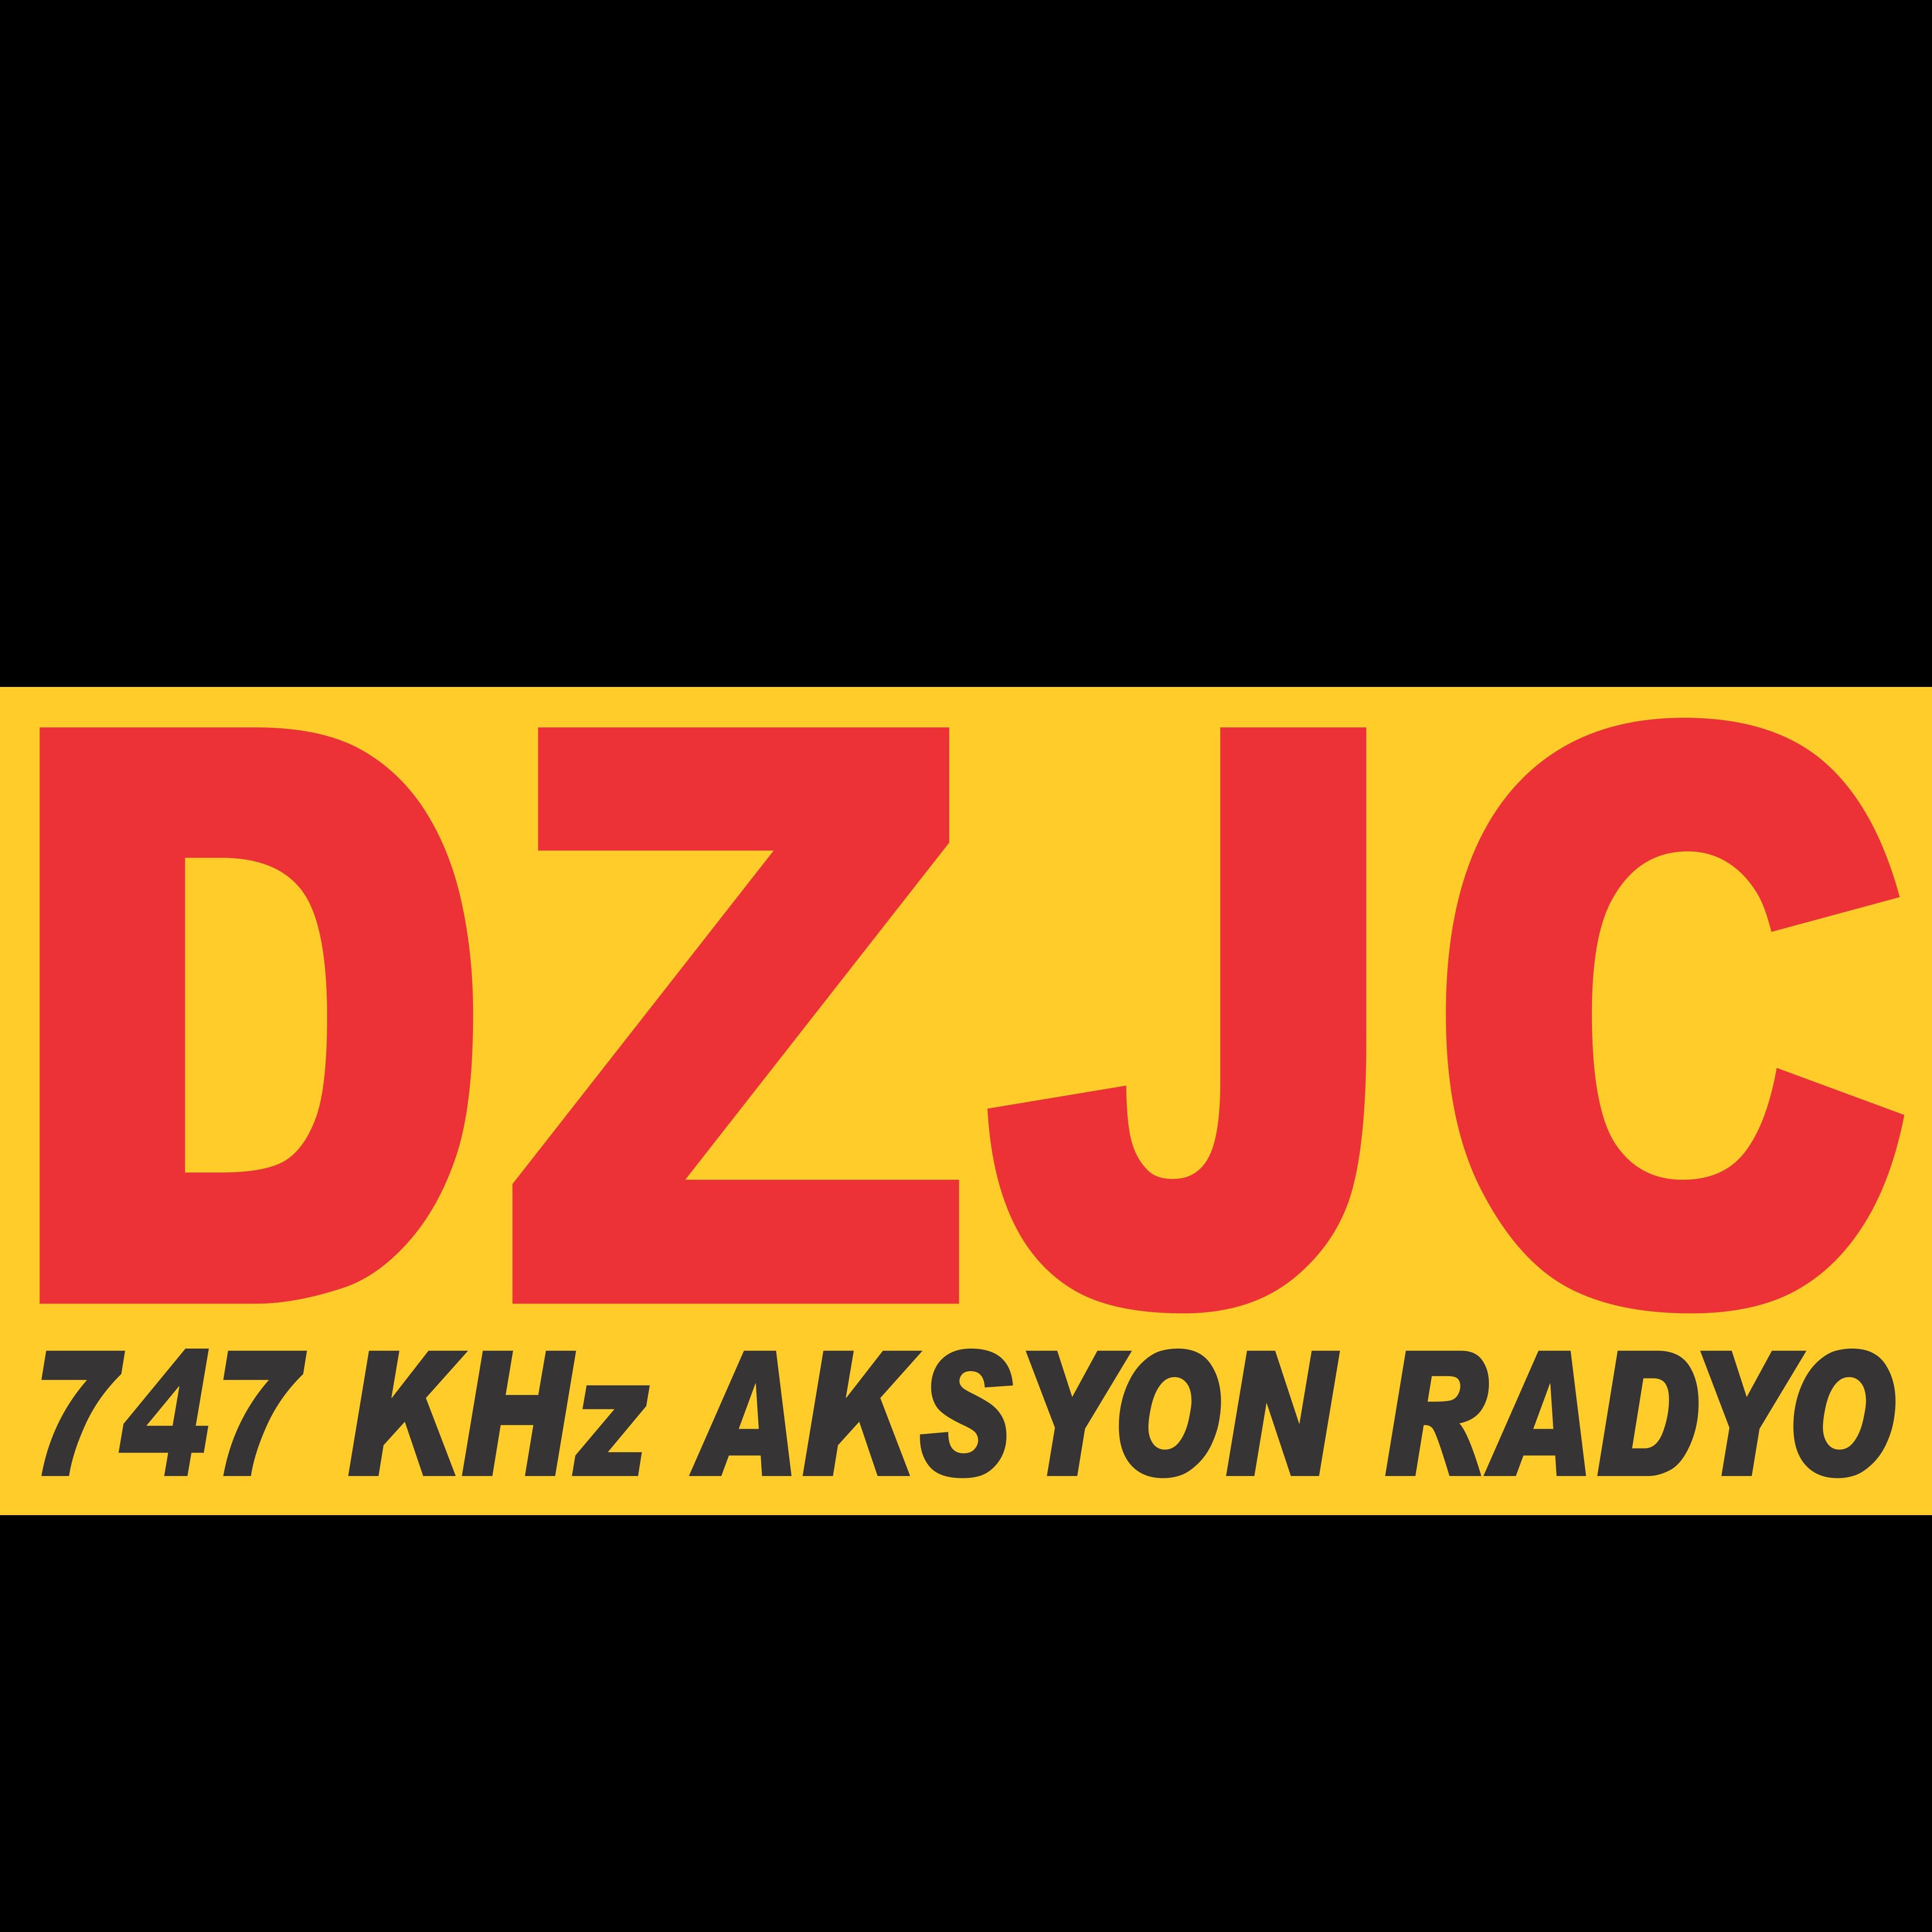 DZJC Aksyon Radyo Laoag